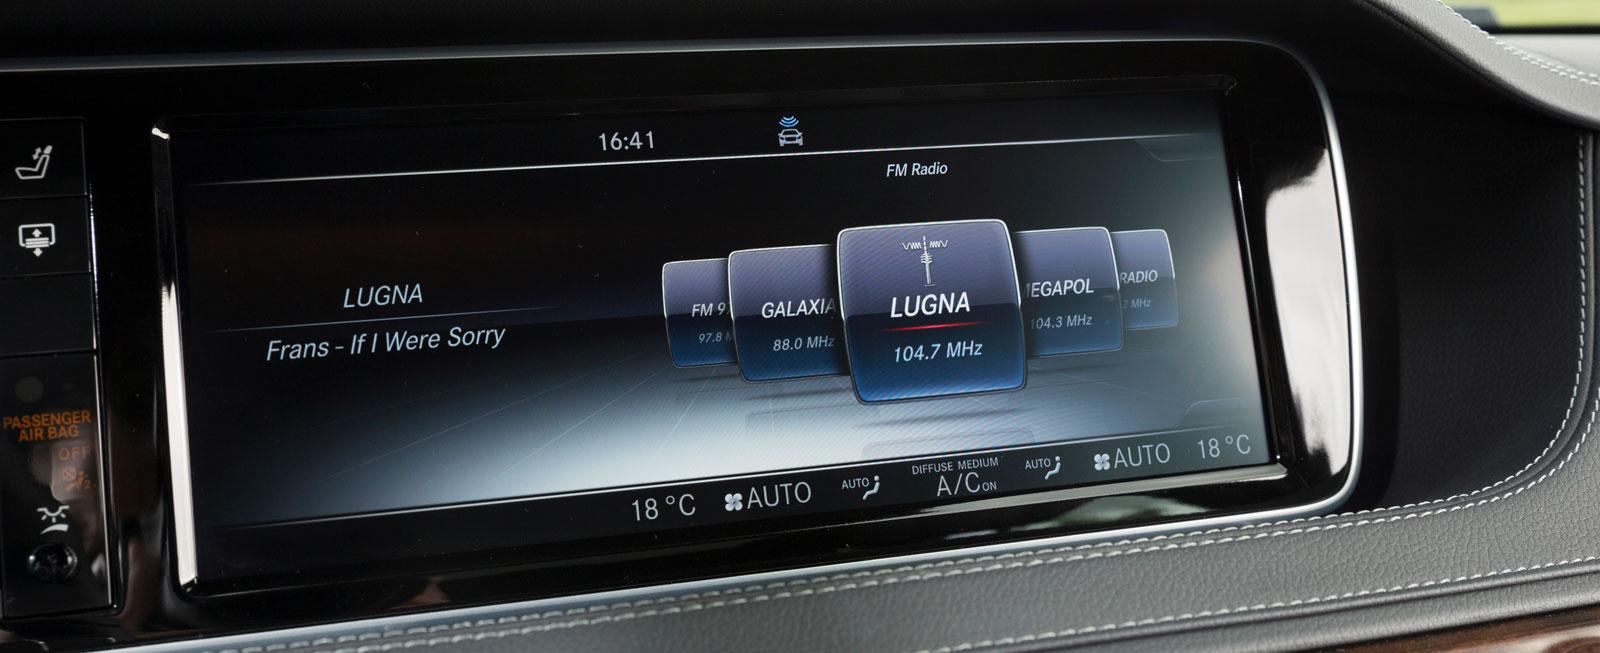 Mercedes är ensam om att sakna pekfunktion och menysystemet styrs enbart av vred och knappar på mittkonsolen. Det fungerar smidigt och grafiken är tydlig.